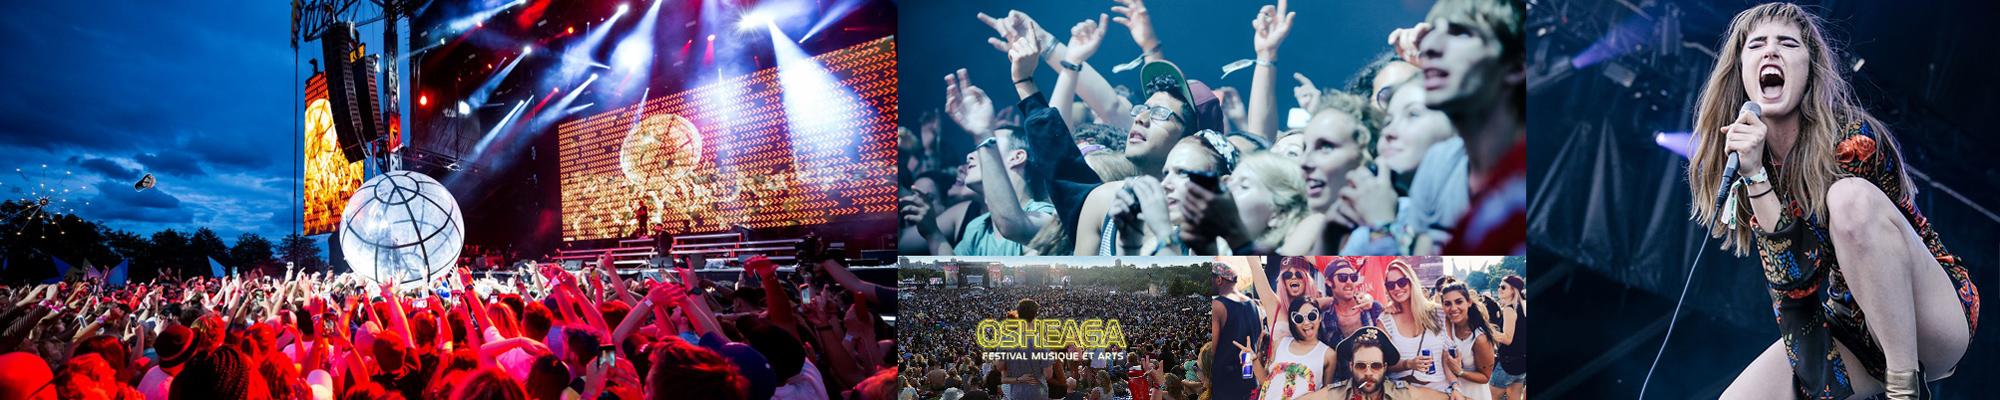 Festival musicali Canada: OSHEAGA MUSIC AND ARTS FESTIVAL